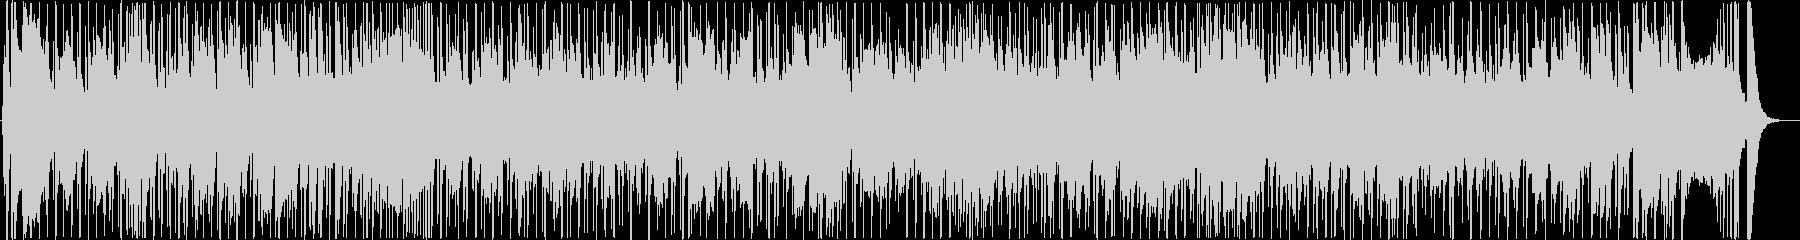 ブルースクラシック、背景、ハーモニ...の未再生の波形